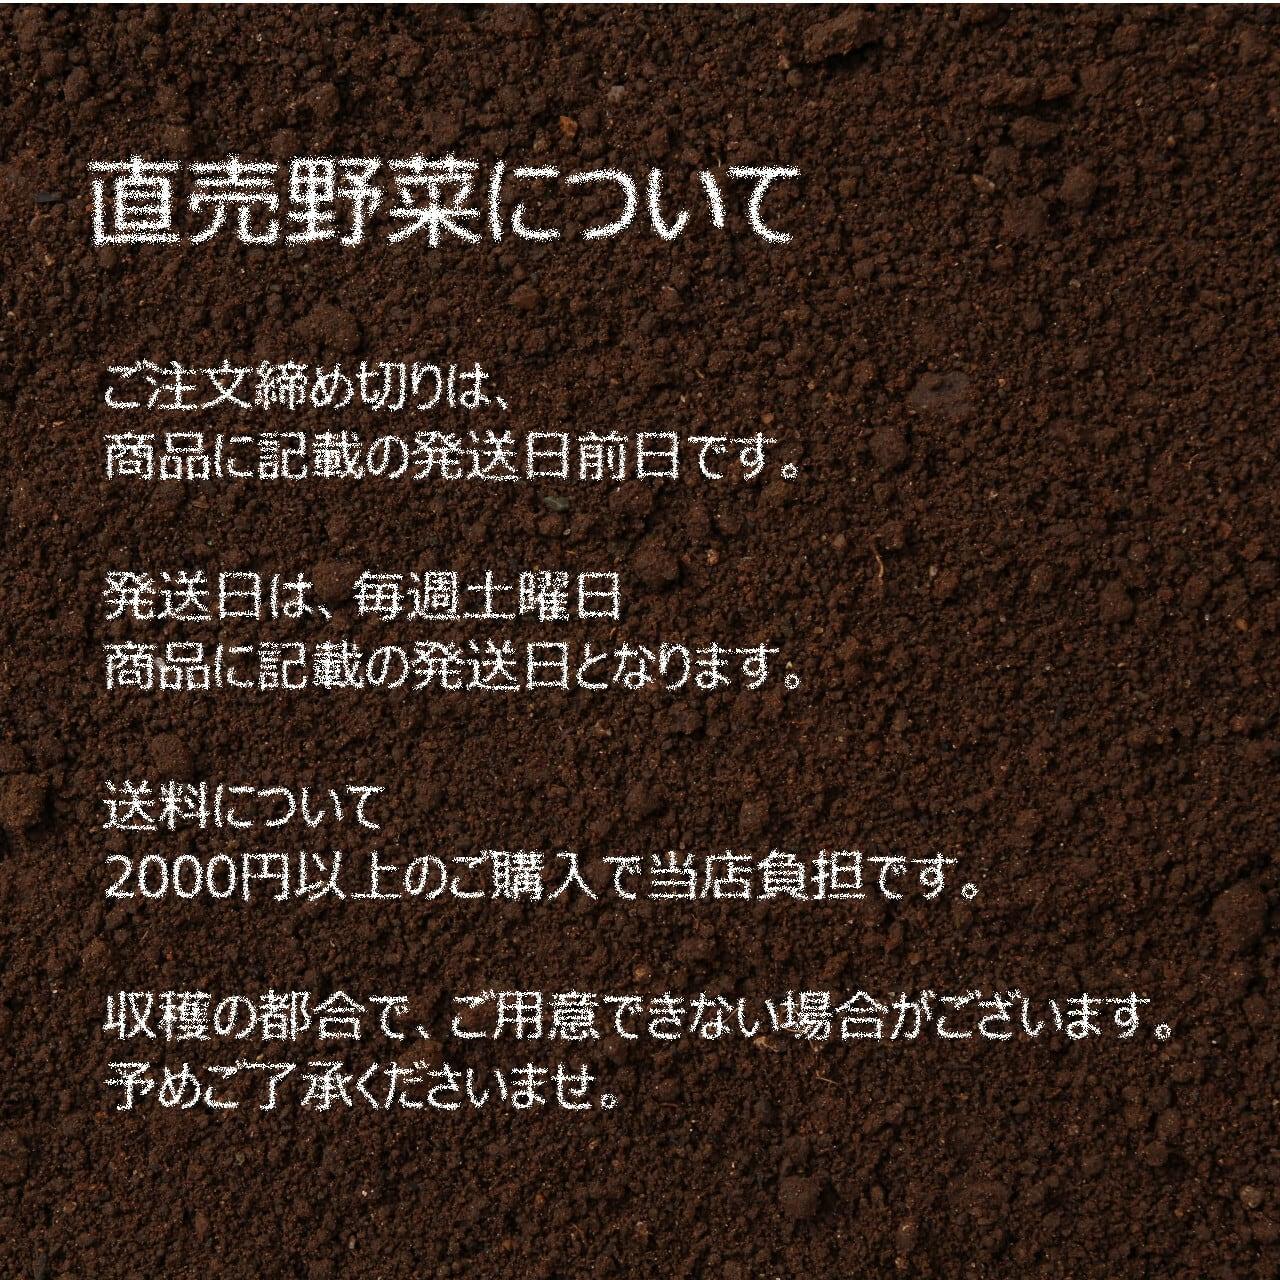 9月の朝採り直売野菜 : ニラ 約200g 新鮮な秋野菜 9月26日発送予定